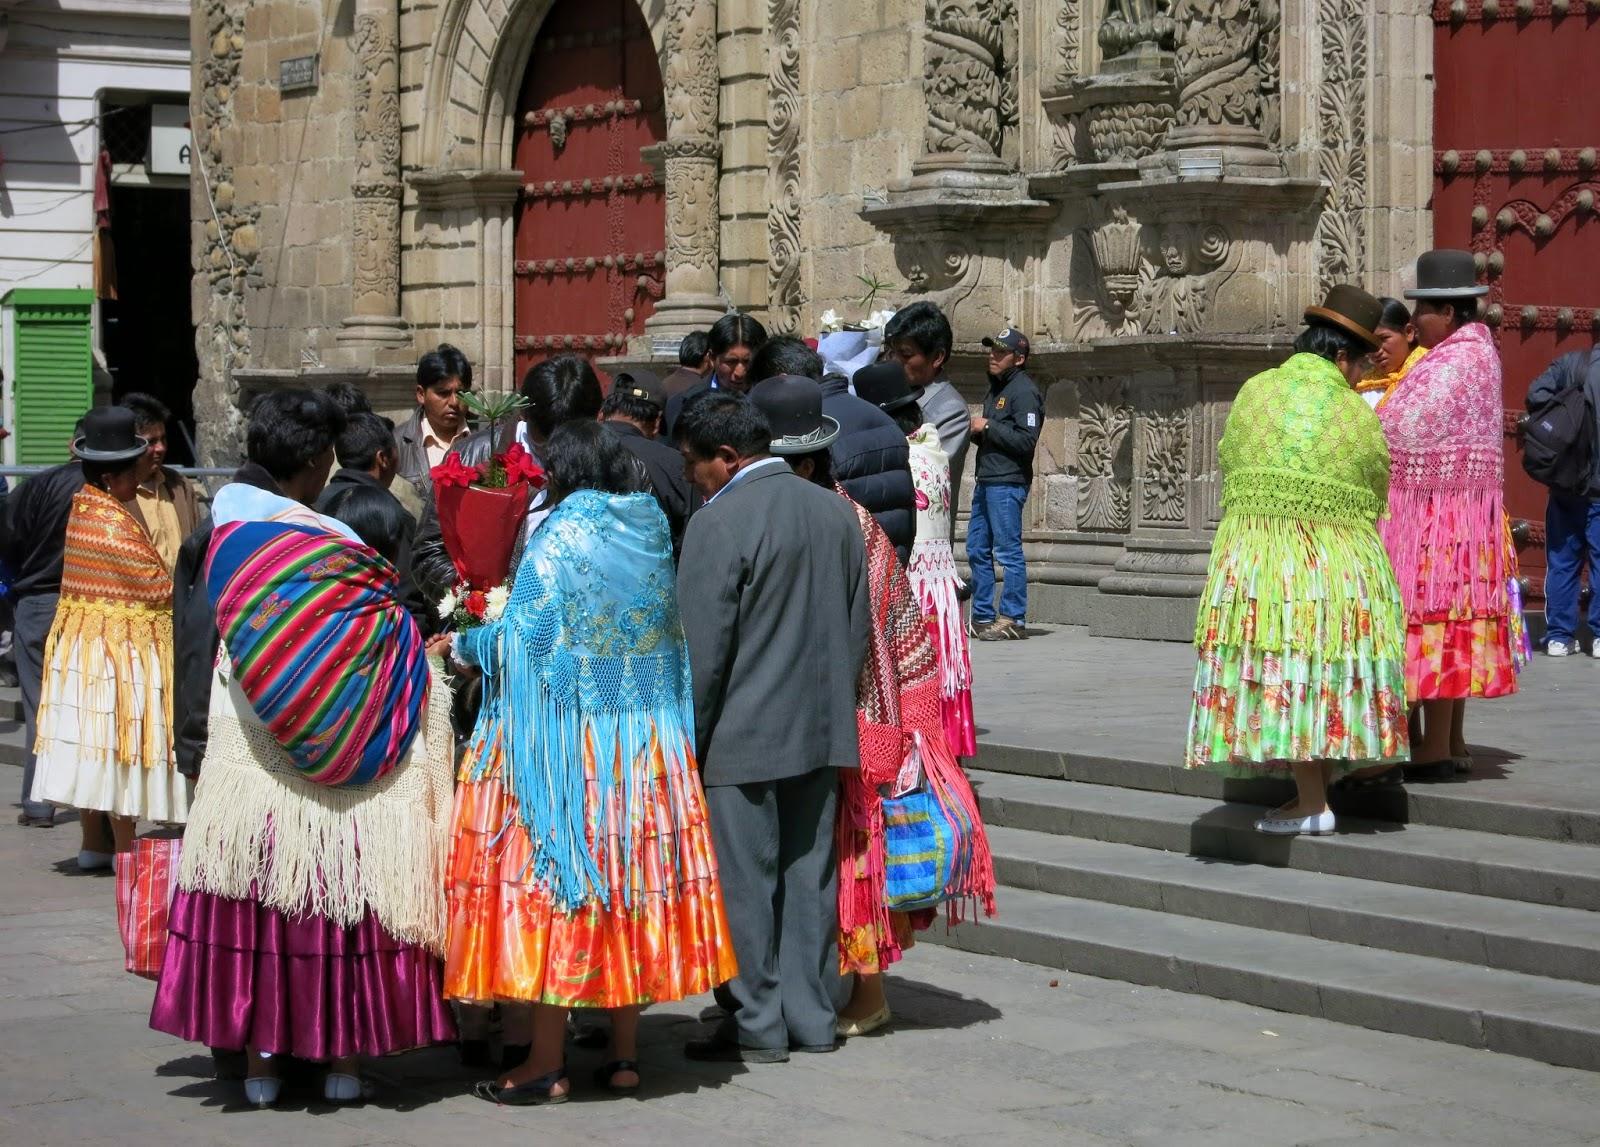 Locales antes de entrar a la iglesia en La Paz